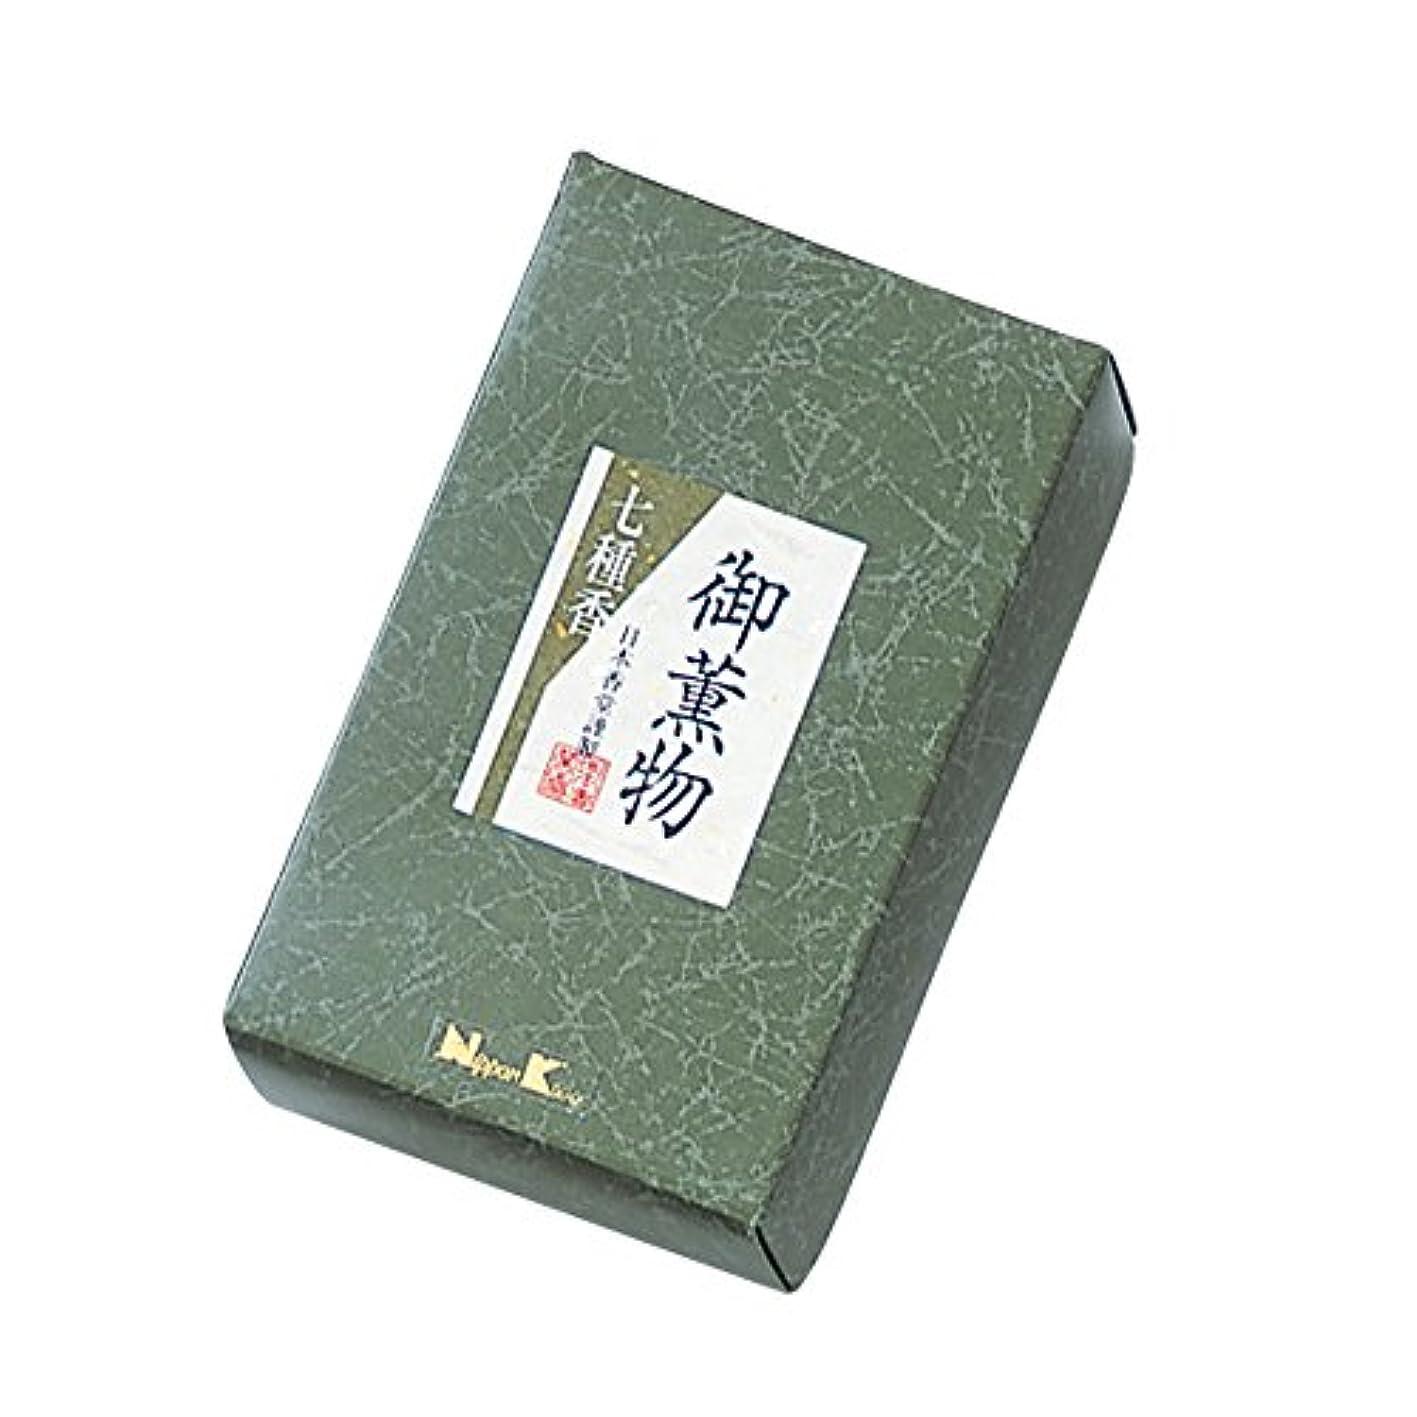 最終的に中世のお御薫物七種香 125g